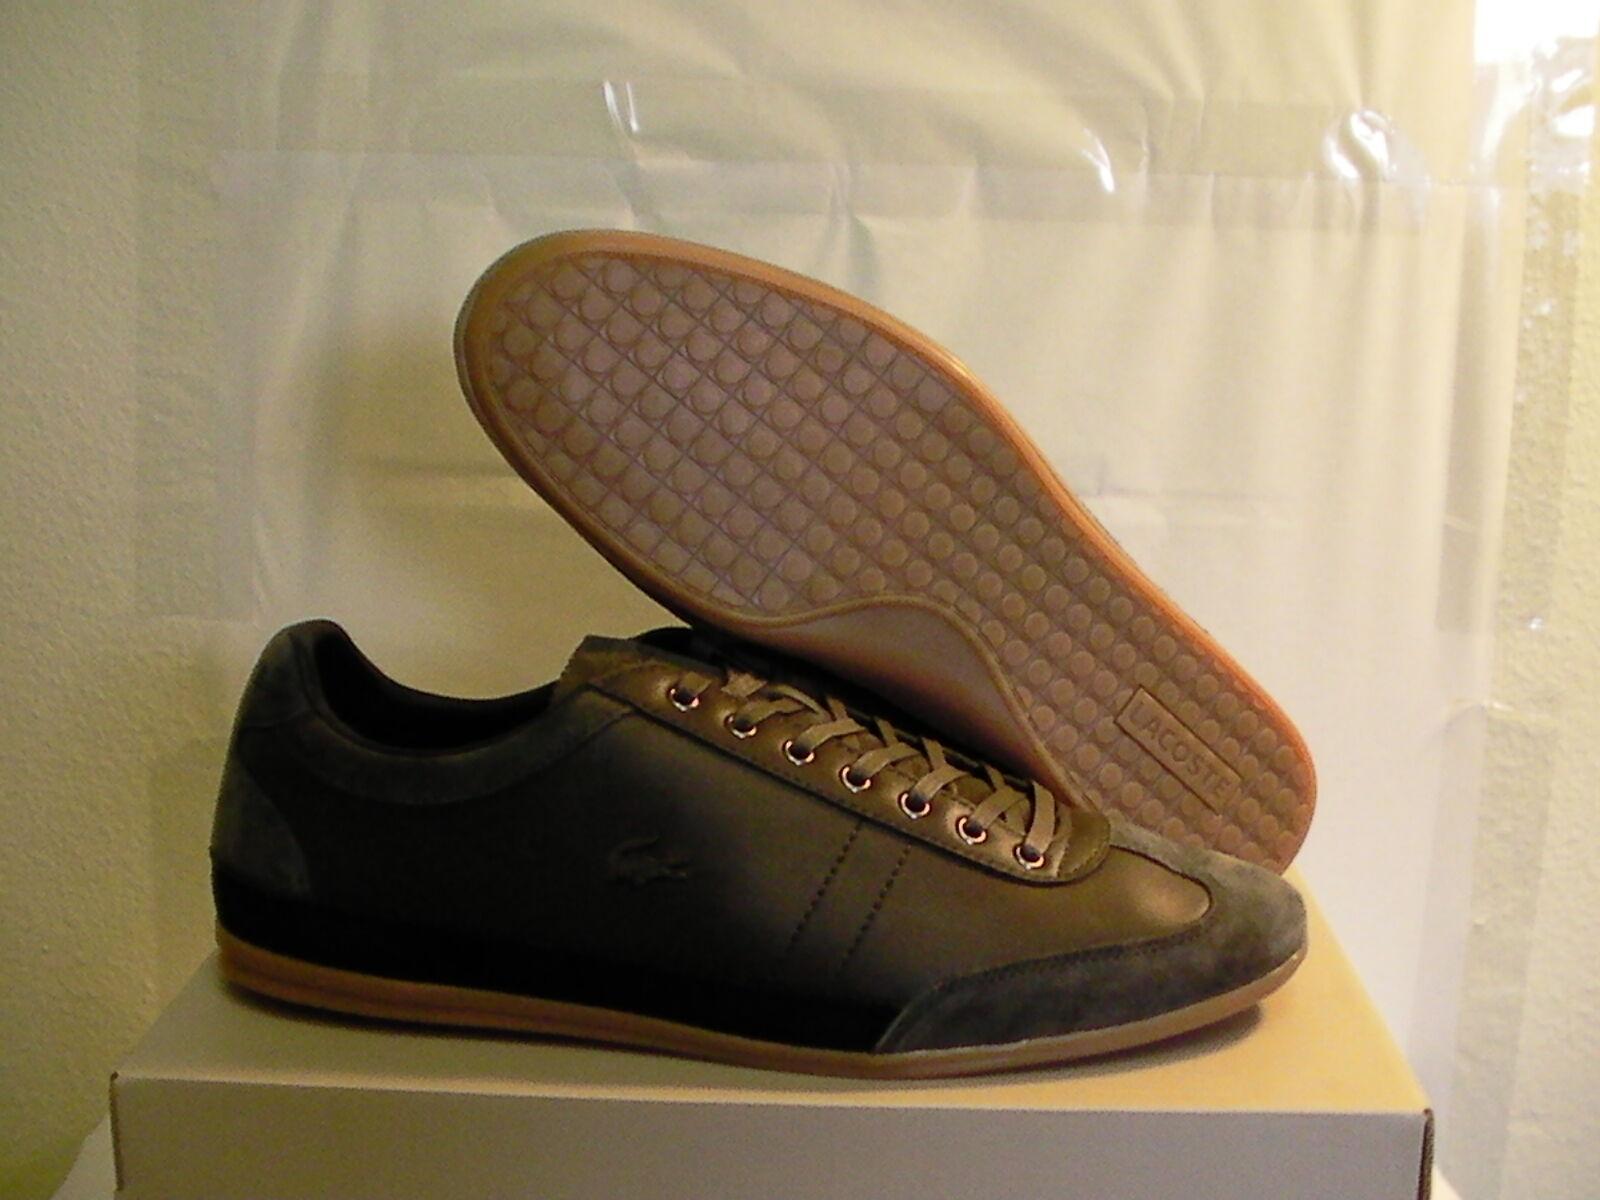 Lacoste Chaussures Décontractées Misano 15 SPM LTH SDE Gry Taille 8 US nouveau AVEC BOITE